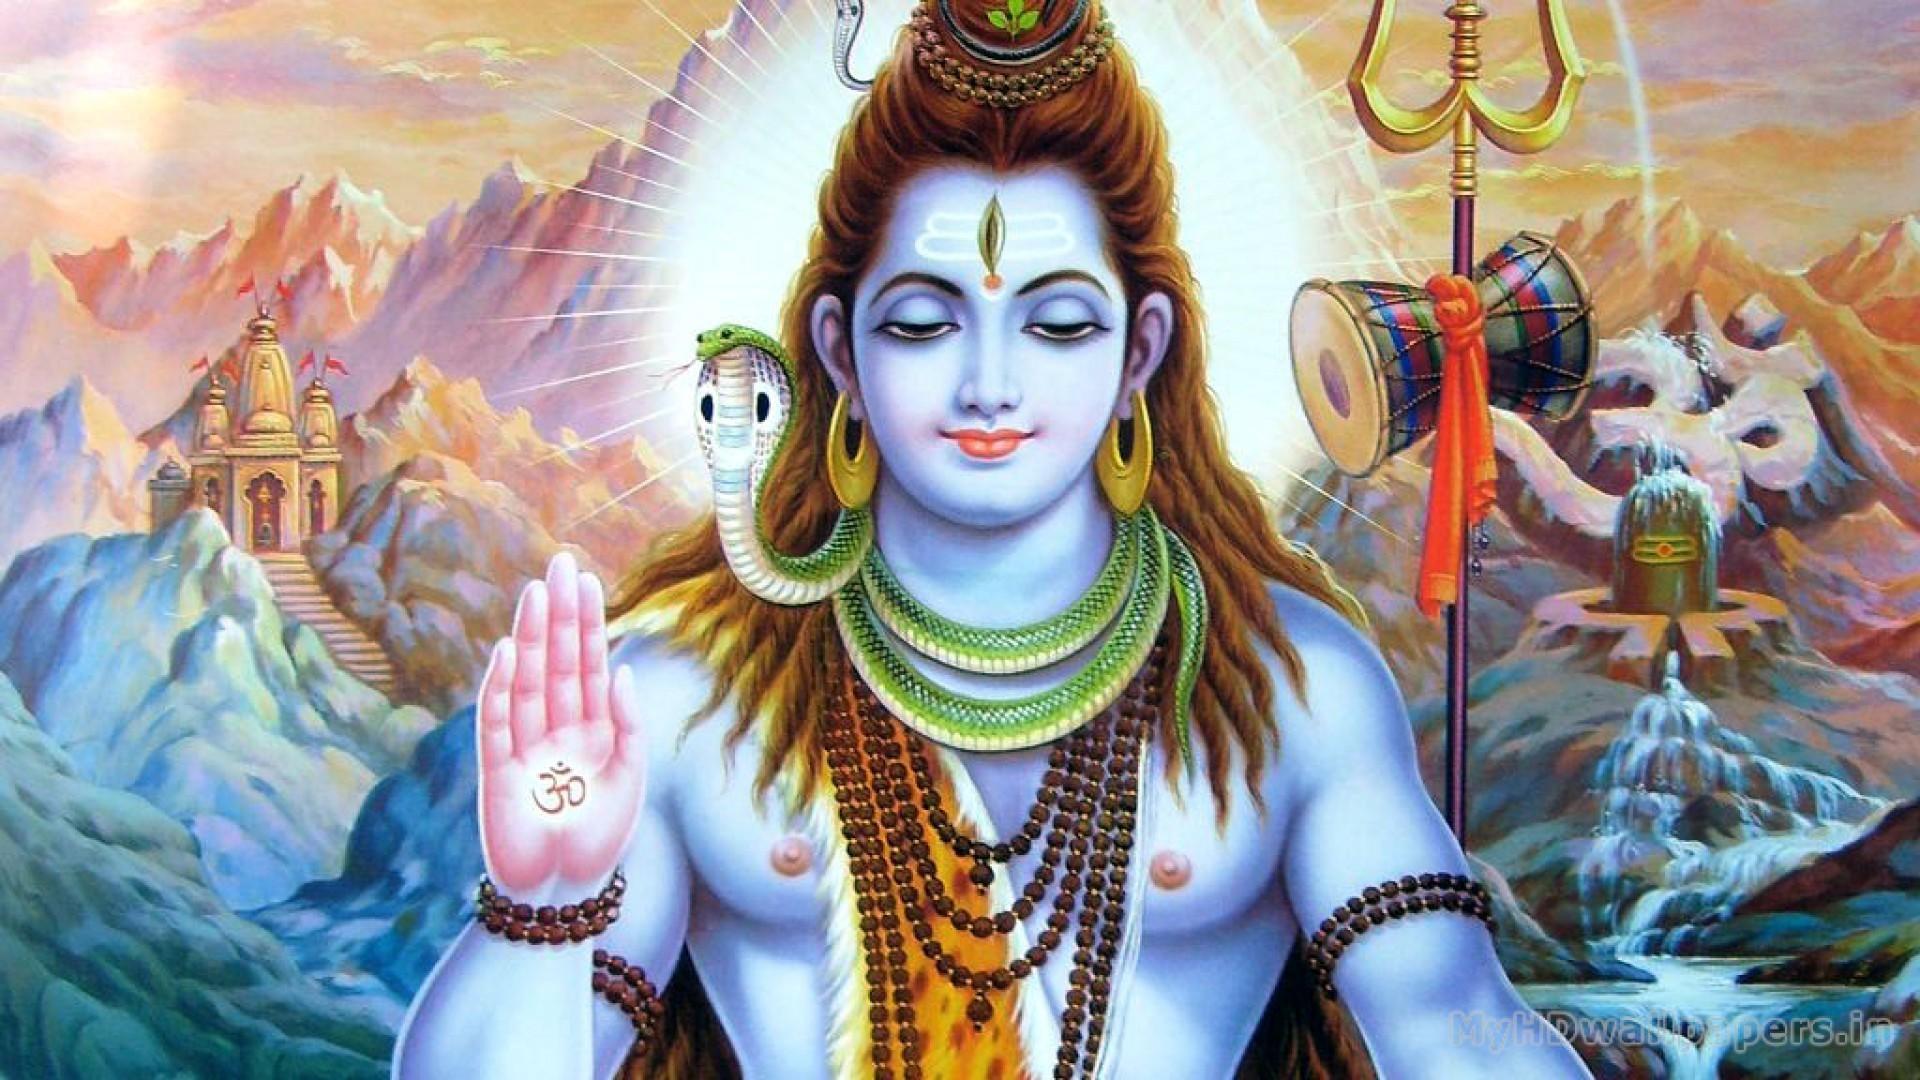 Hindu God Desktop Wallpapers – Top 10 Best Wallpapers